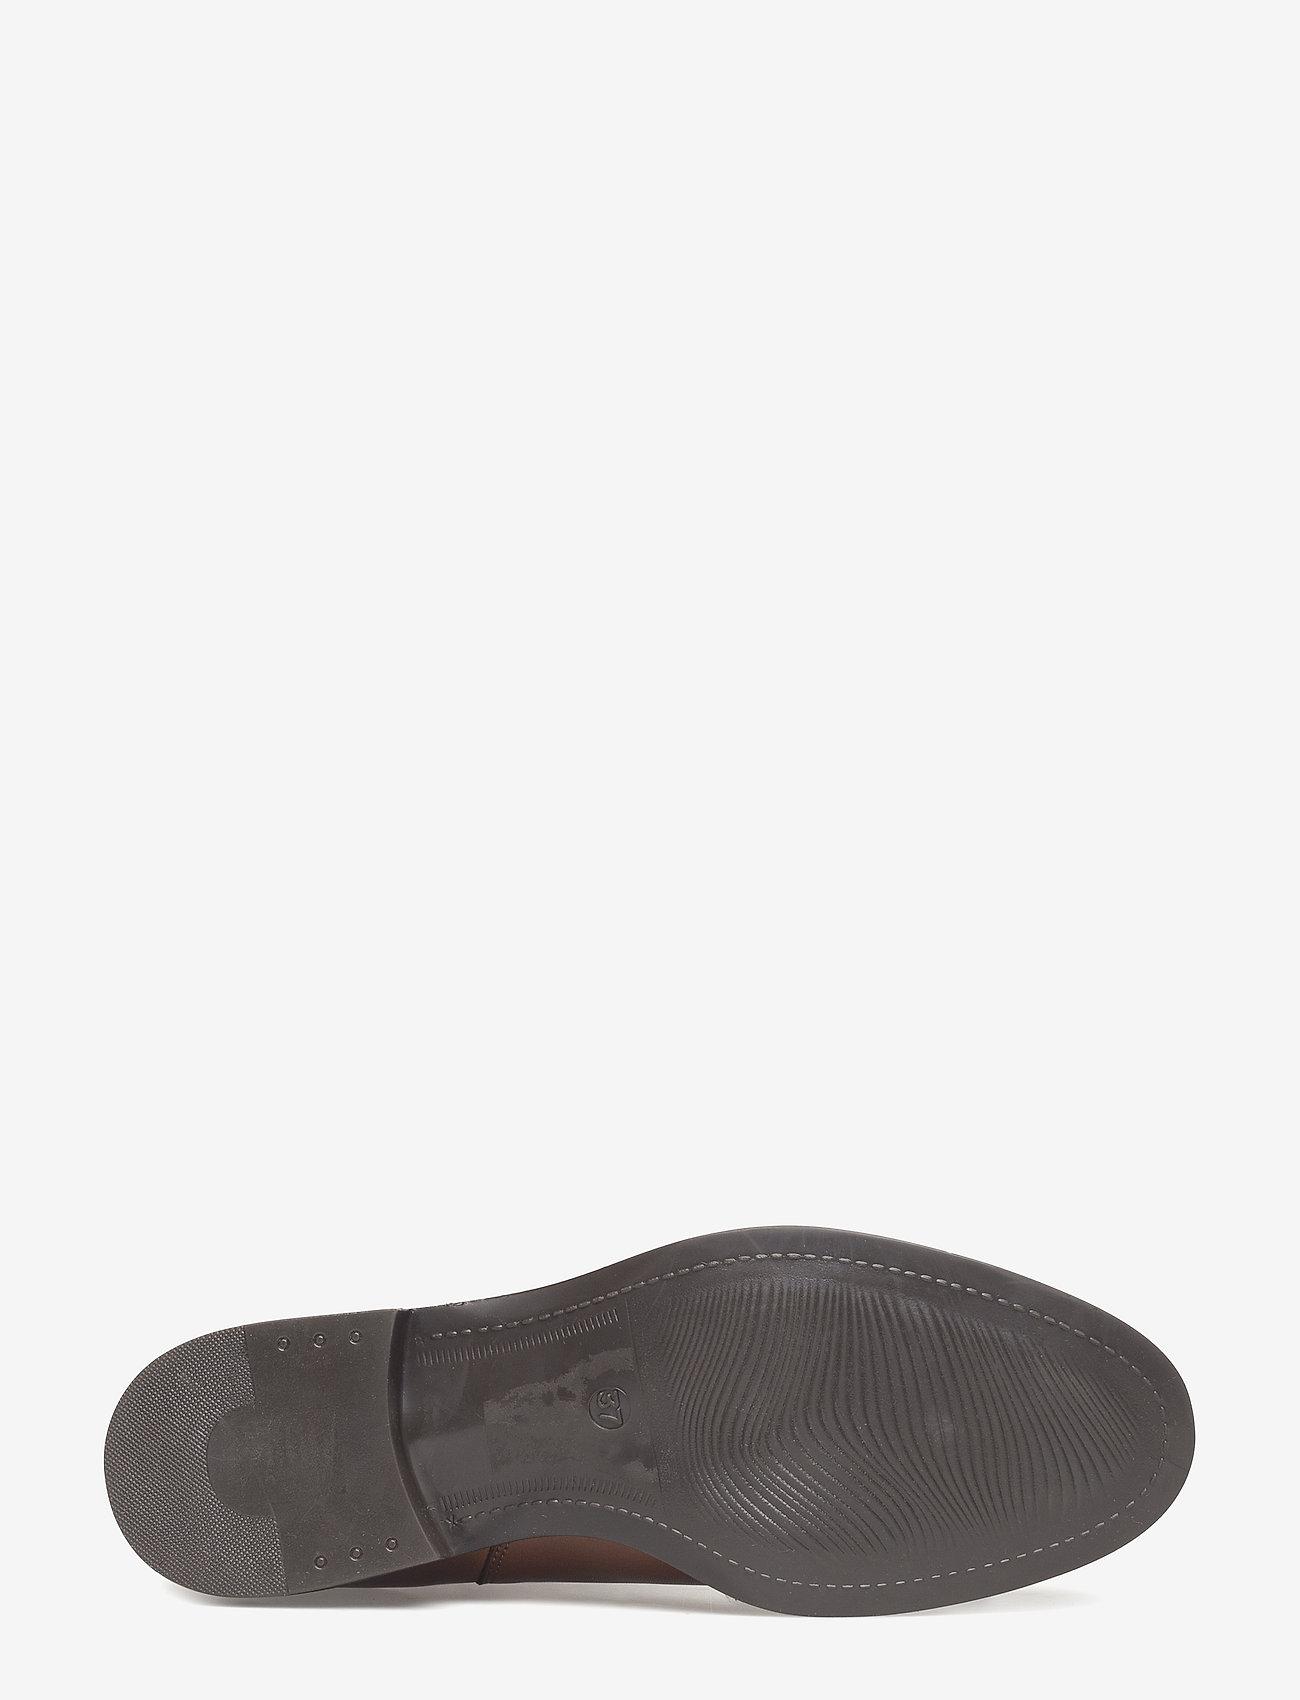 V-split Boot (Cognac) - Bianco